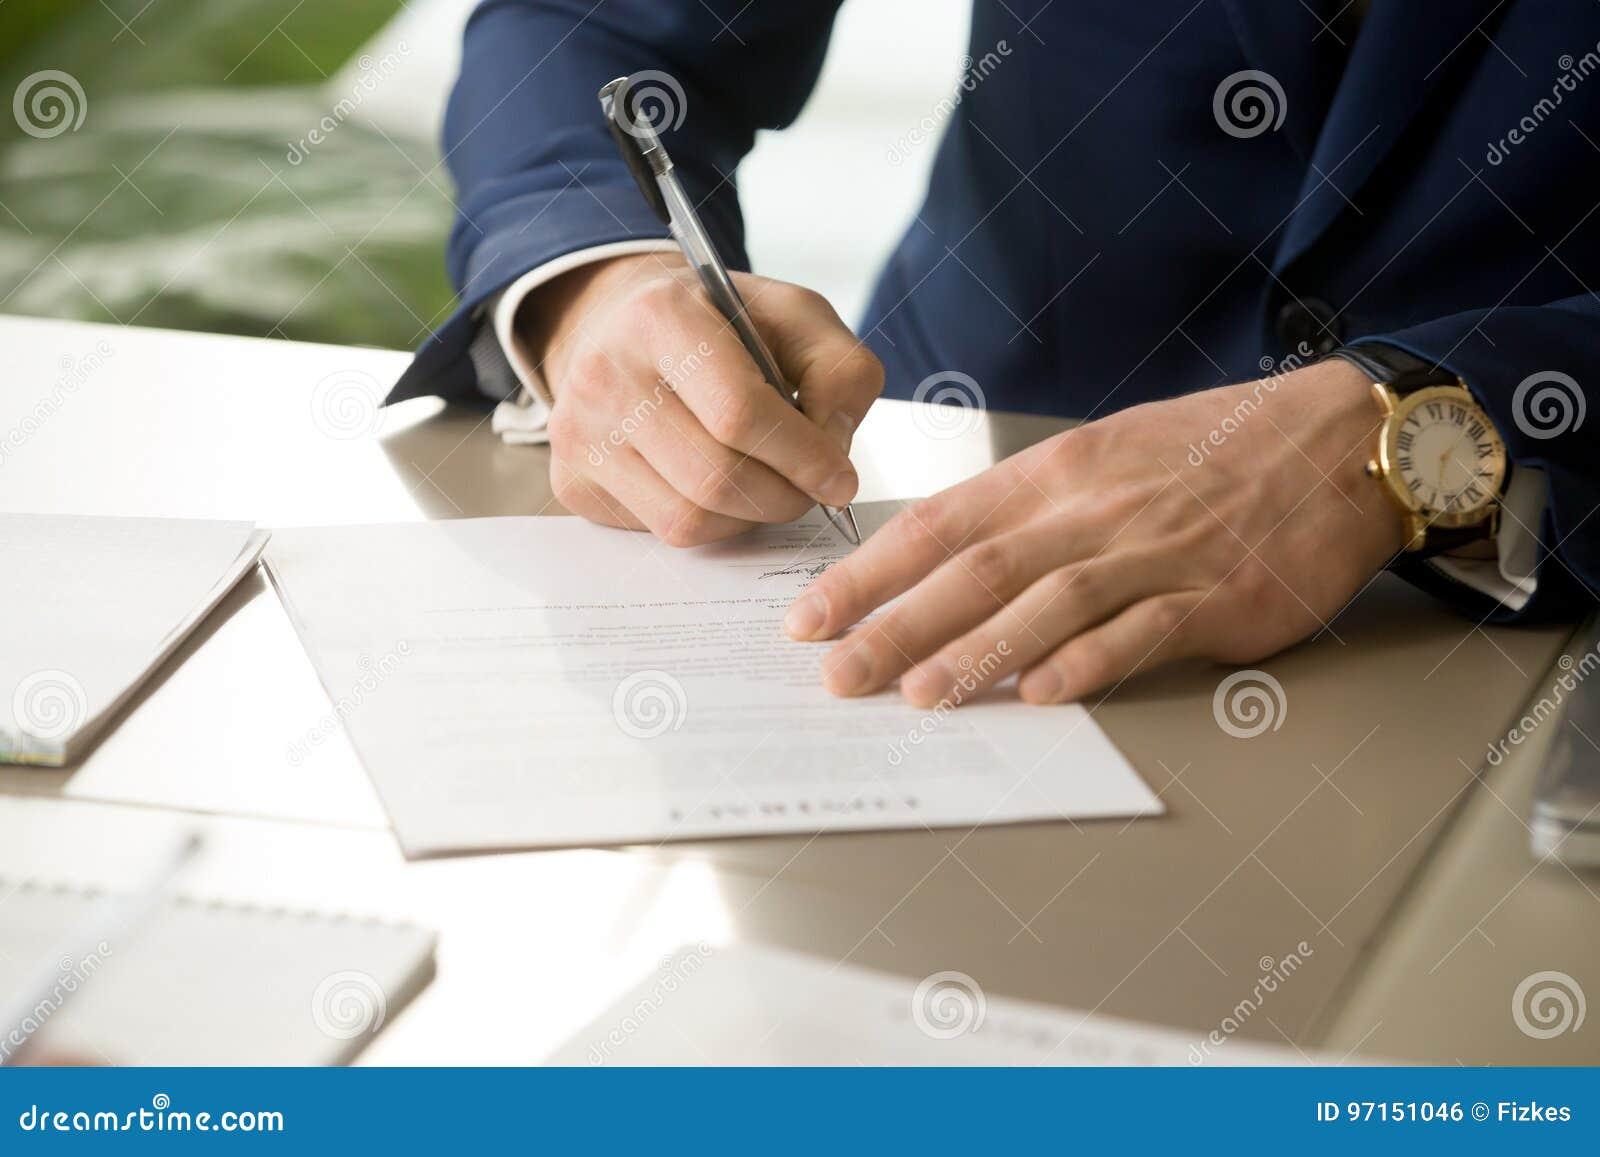 Το αρσενικό χέρι που βάζει την υπογραφή στη σύμβαση, που υπογράφει το έγγραφο, κλείνει